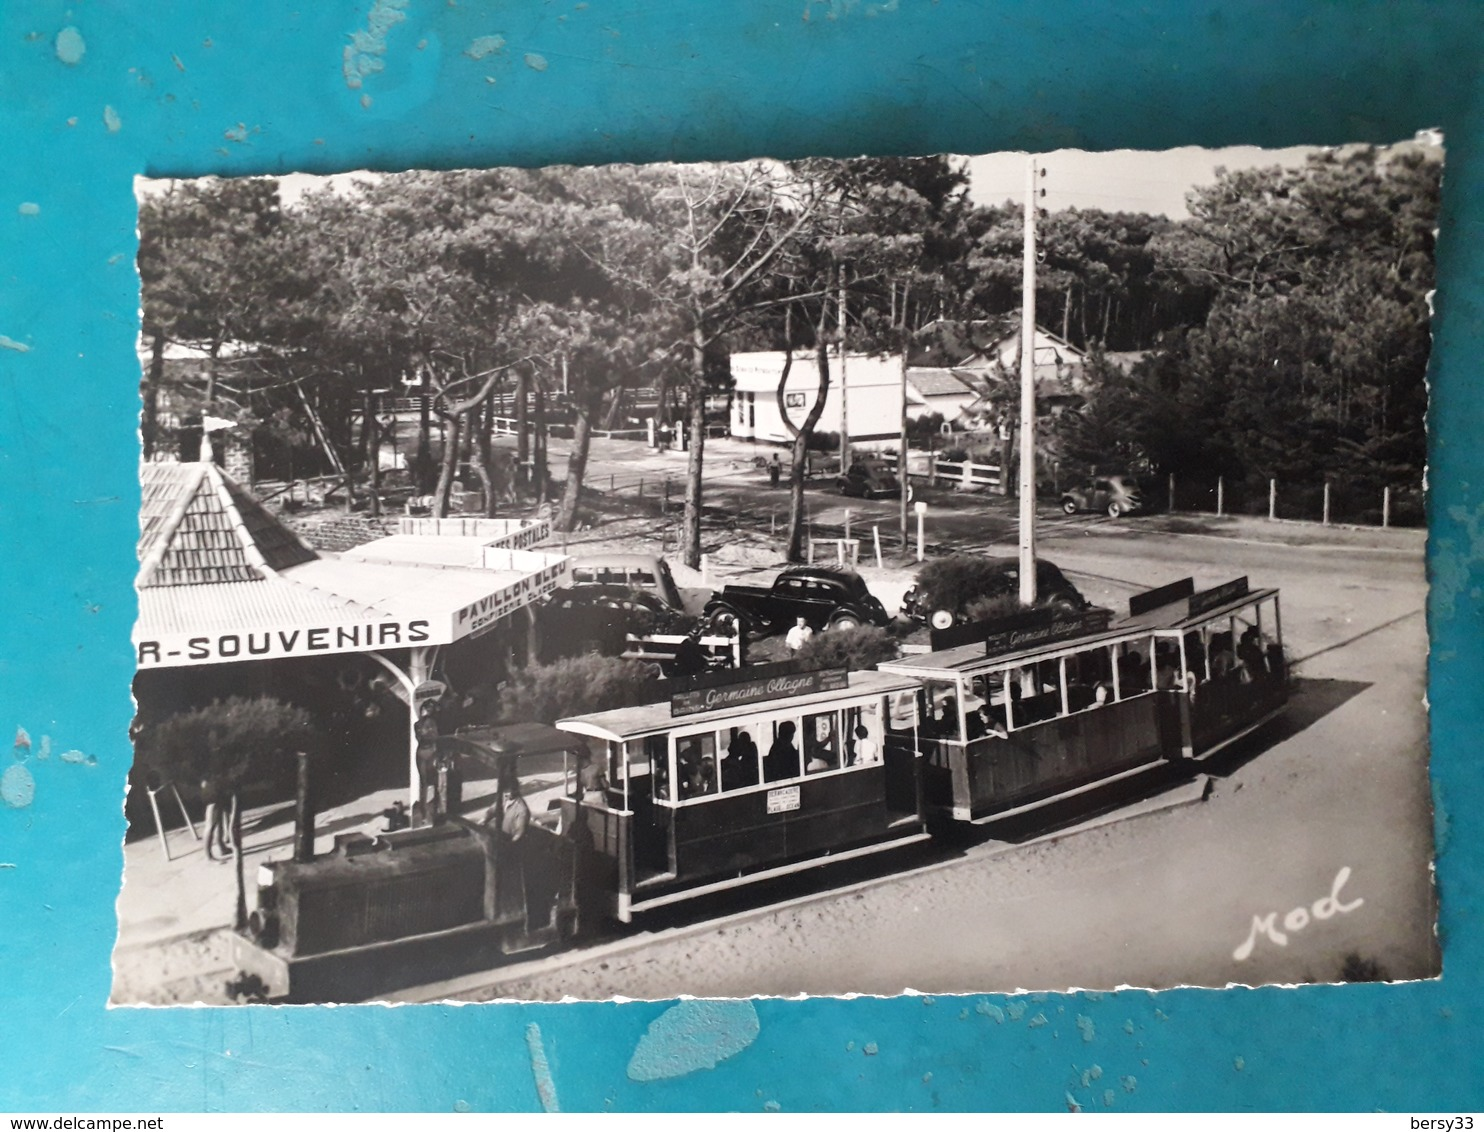 CPSM - LE CAP-FERRET- Le Petit Train Pour L'Océan - Pavillon Bleu: Souvenirs, Confiserie, Glaces-  Ed. MOD - 2 SCANS - Other Municipalities